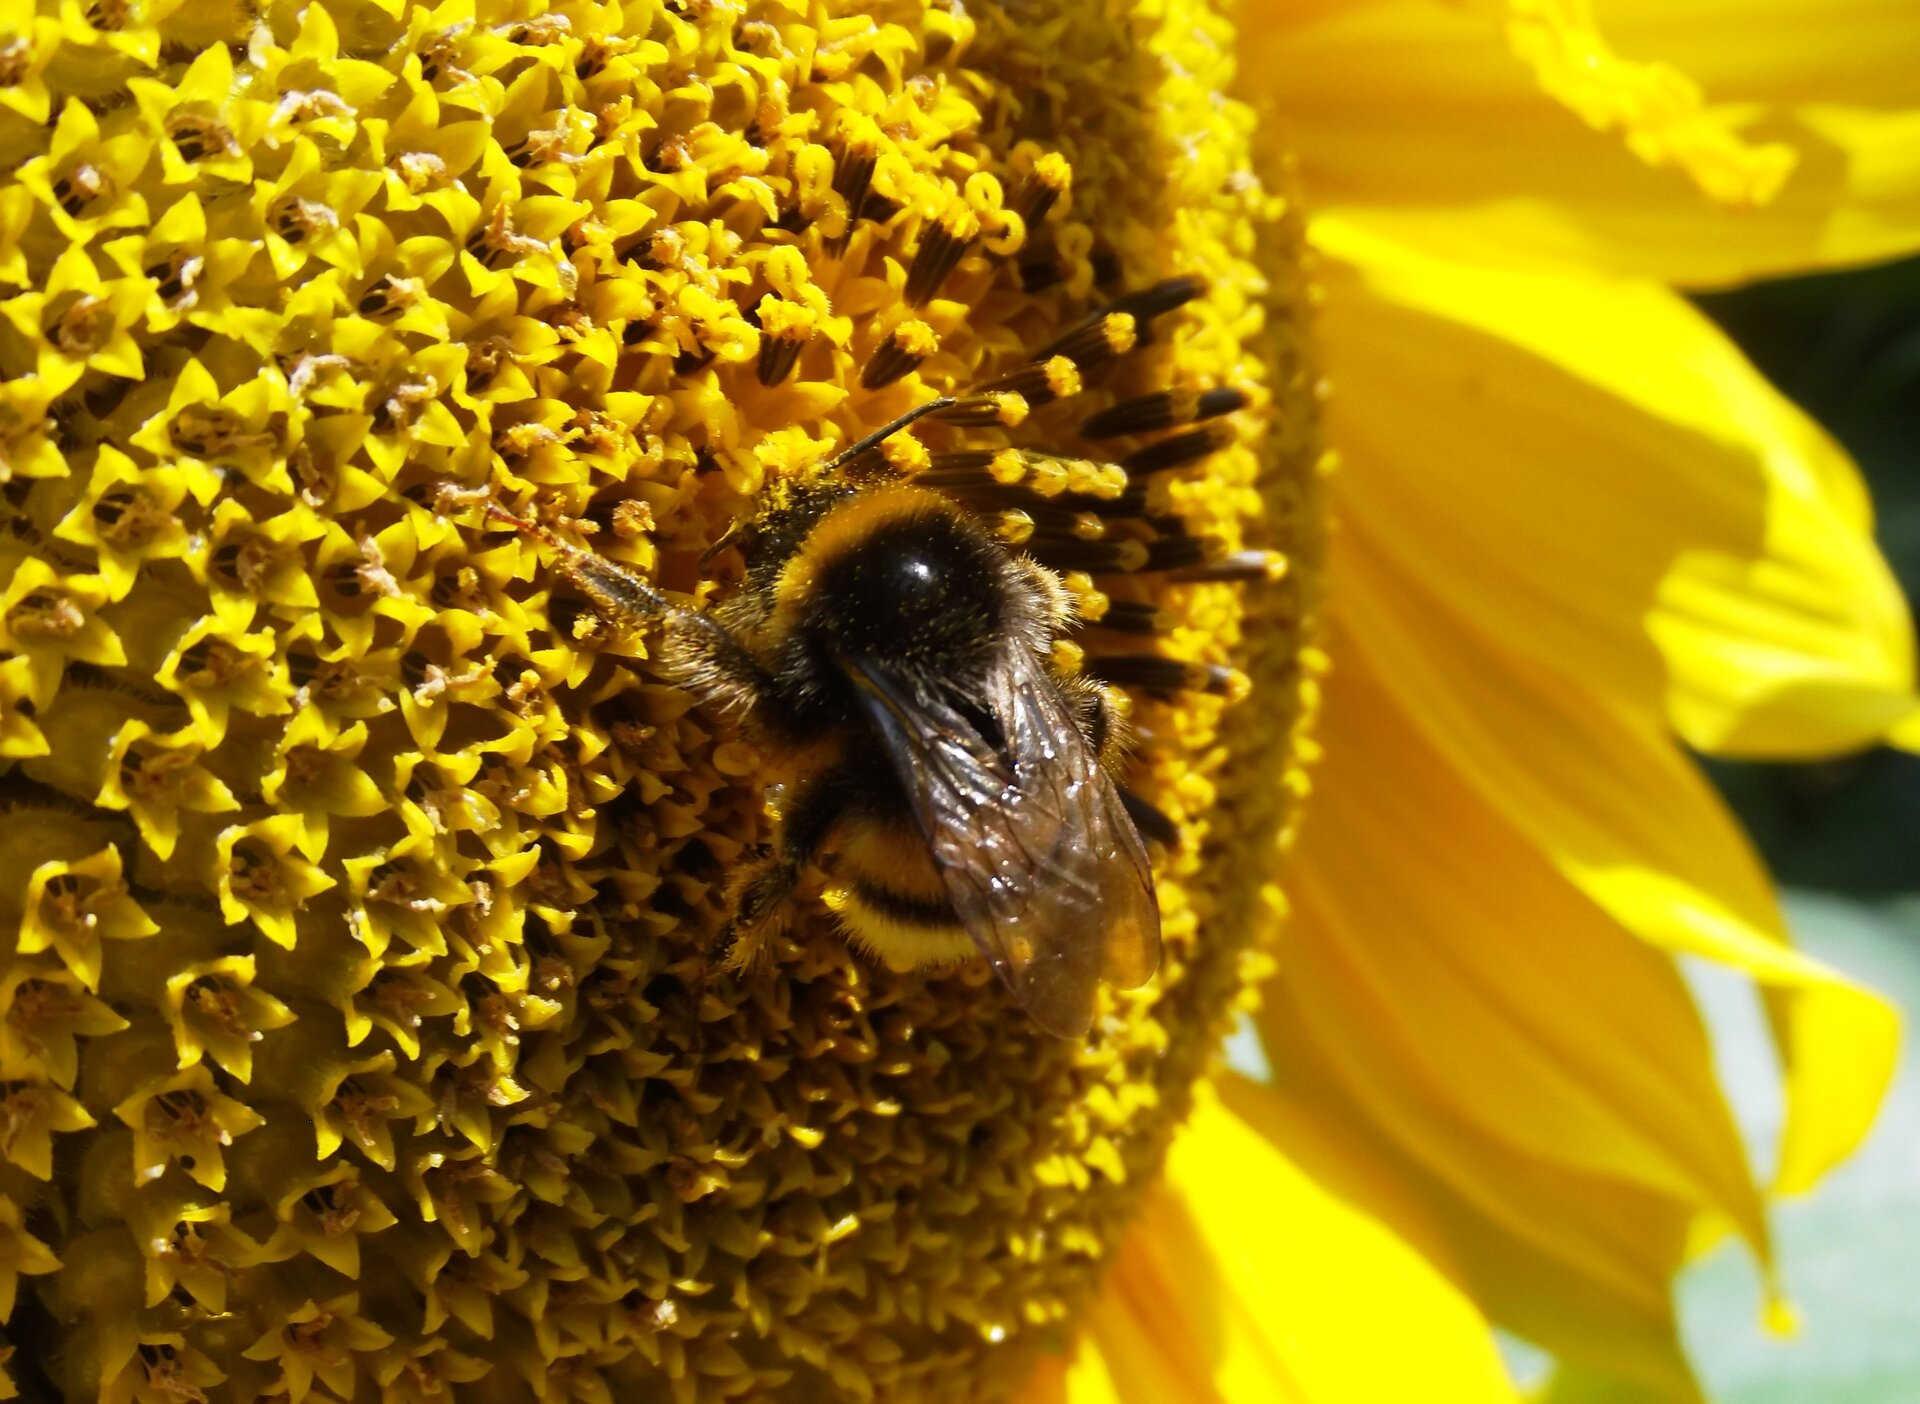 Pszczoła Pszczoła Źródło: Wikimedia Commons/Pelikan13, licencja: CC BY-SA 4.0.